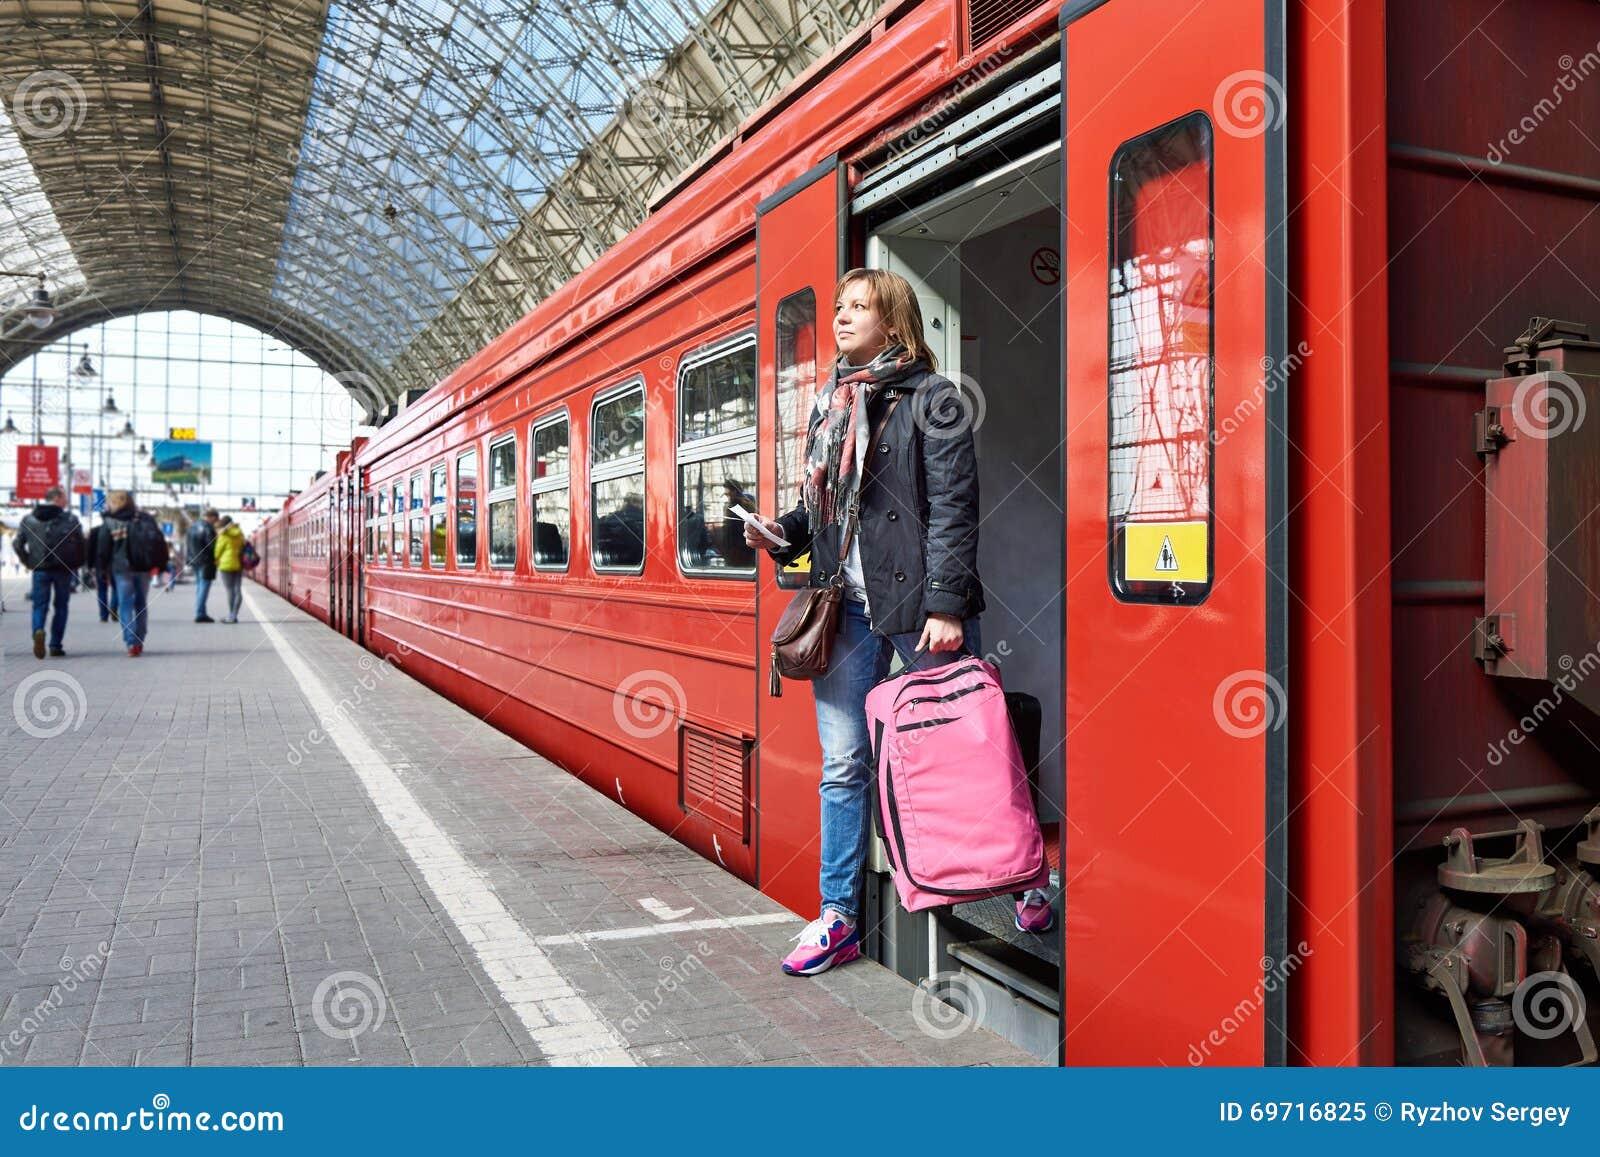 Frauentourist Mit Dem Koffer Der Aus Zug An Der Station Herauskommt